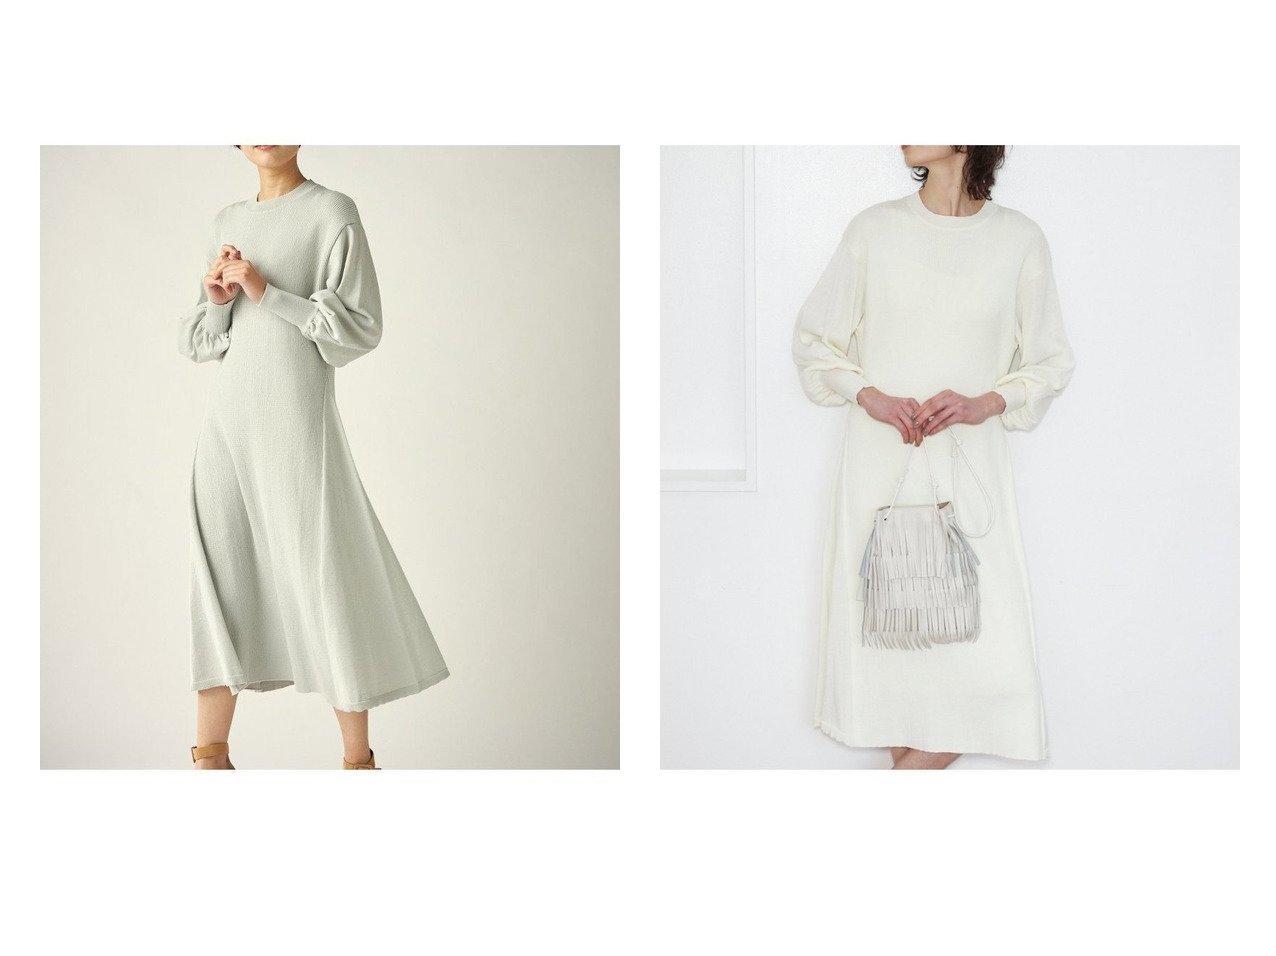 【Clear Impression musee/クリアインプレッション ミュゼ】のパフスリーブニットワンピース クリア インプレッションのおすすめ!人気、トレンド・レディースファッションの通販  おすすめで人気の流行・トレンド、ファッションの通販商品 メンズファッション・キッズファッション・インテリア・家具・レディースファッション・服の通販 founy(ファニー) https://founy.com/ ファッション Fashion レディースファッション WOMEN ワンピース Dress ニットワンピース Knit Dresses NEW・新作・新着・新入荷 New Arrivals インナーキャミ ギャザー スリーブ ベーシック リラックス 春 Spring 長袖 |ID:crp329100000021058